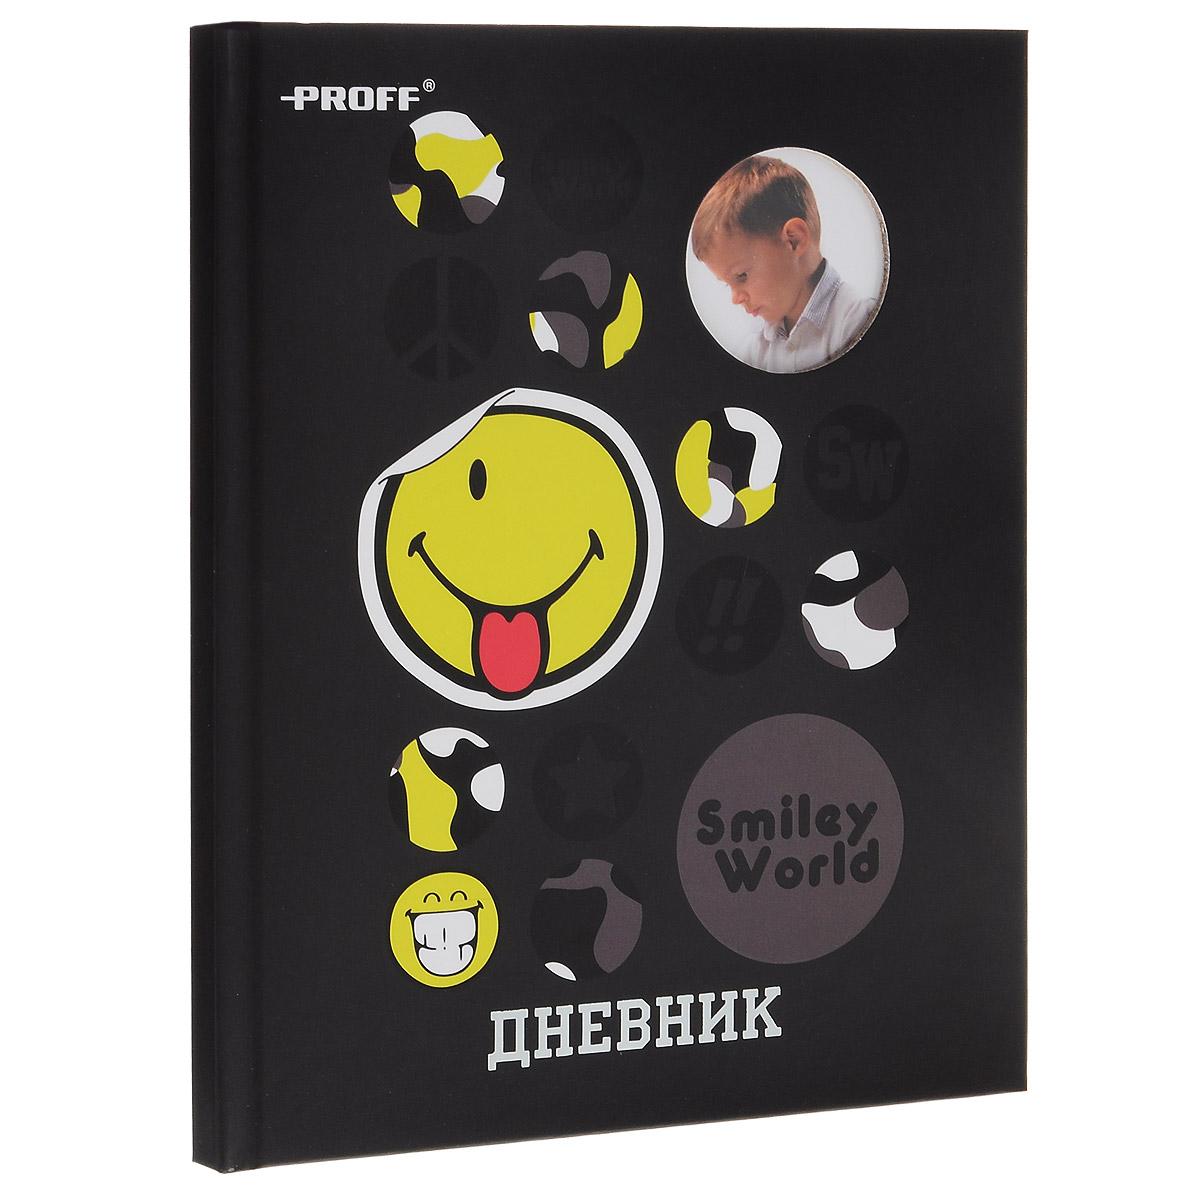 Стильный дневник Proff Smiley - обязательно понравится вашему ребенку. Он поможет ему не забыть свои задания, а вы всегда сможете проконтролировать его успеваемость. Обложка дневника дополнена круглым отверстием, куда можно вставить фото вашего ребенка. Обложка также декорирована глянцевыми изображениями разных смайликов. Внутренний блок выполнен из качественной бумаги кремового цвета с четкой линовкой темно-серого цвета. Дневник в твердом переплете из твердого ламинированного картона будет не только надежным помощником ученика в освоении новых знаний, но и принесет радость своему хозяину, выделяя его среди одноклассников и украшая учебные будни.